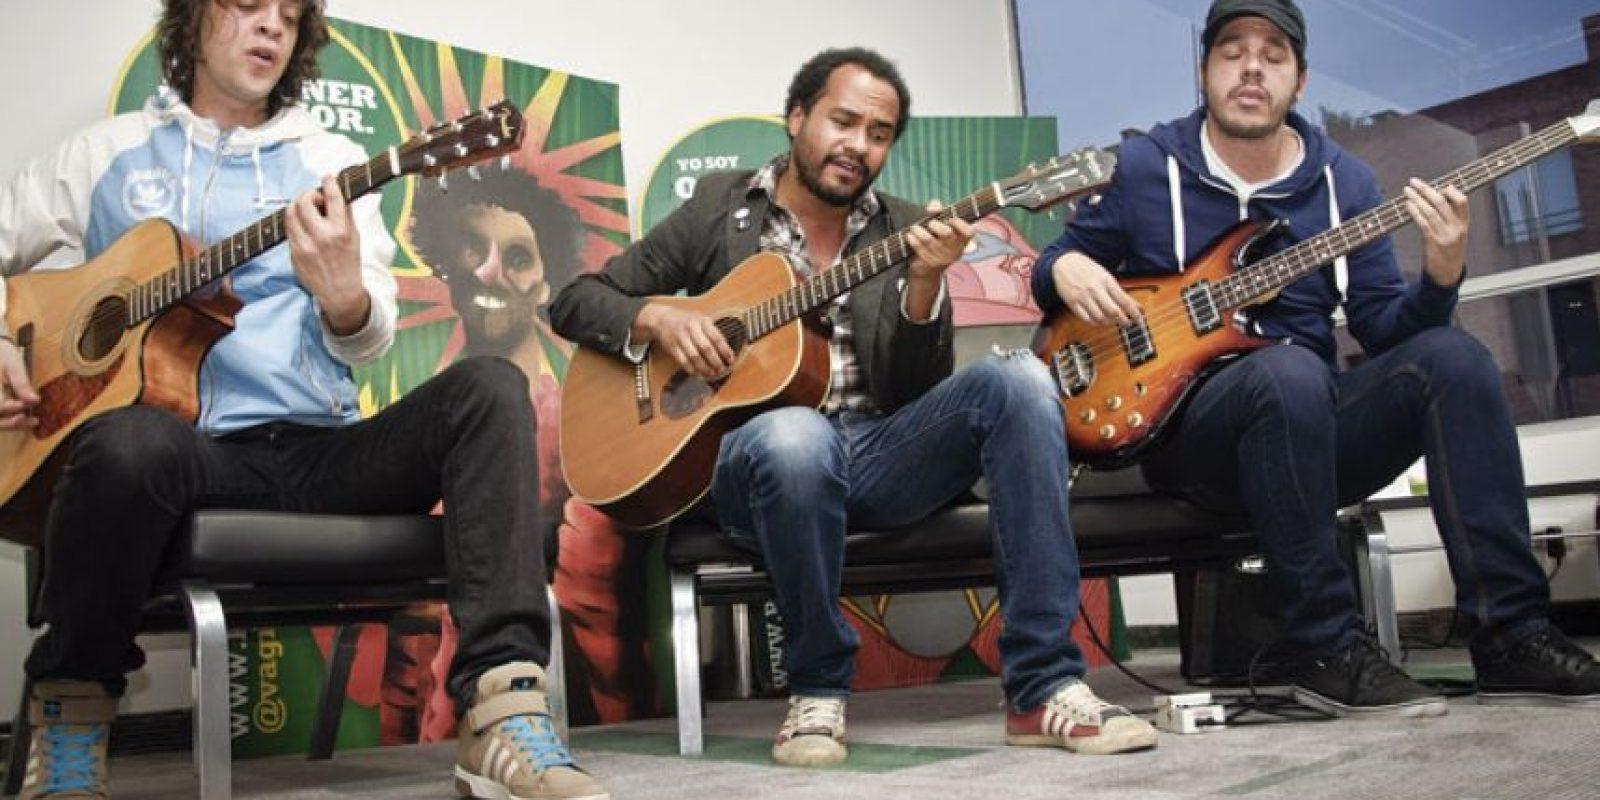 Los caleños de Superlitio contestaron preguntas de los tuiteros y luego tocaron un set acústico de algunas de sus canciones Foto:Carlos Hernández Llamas